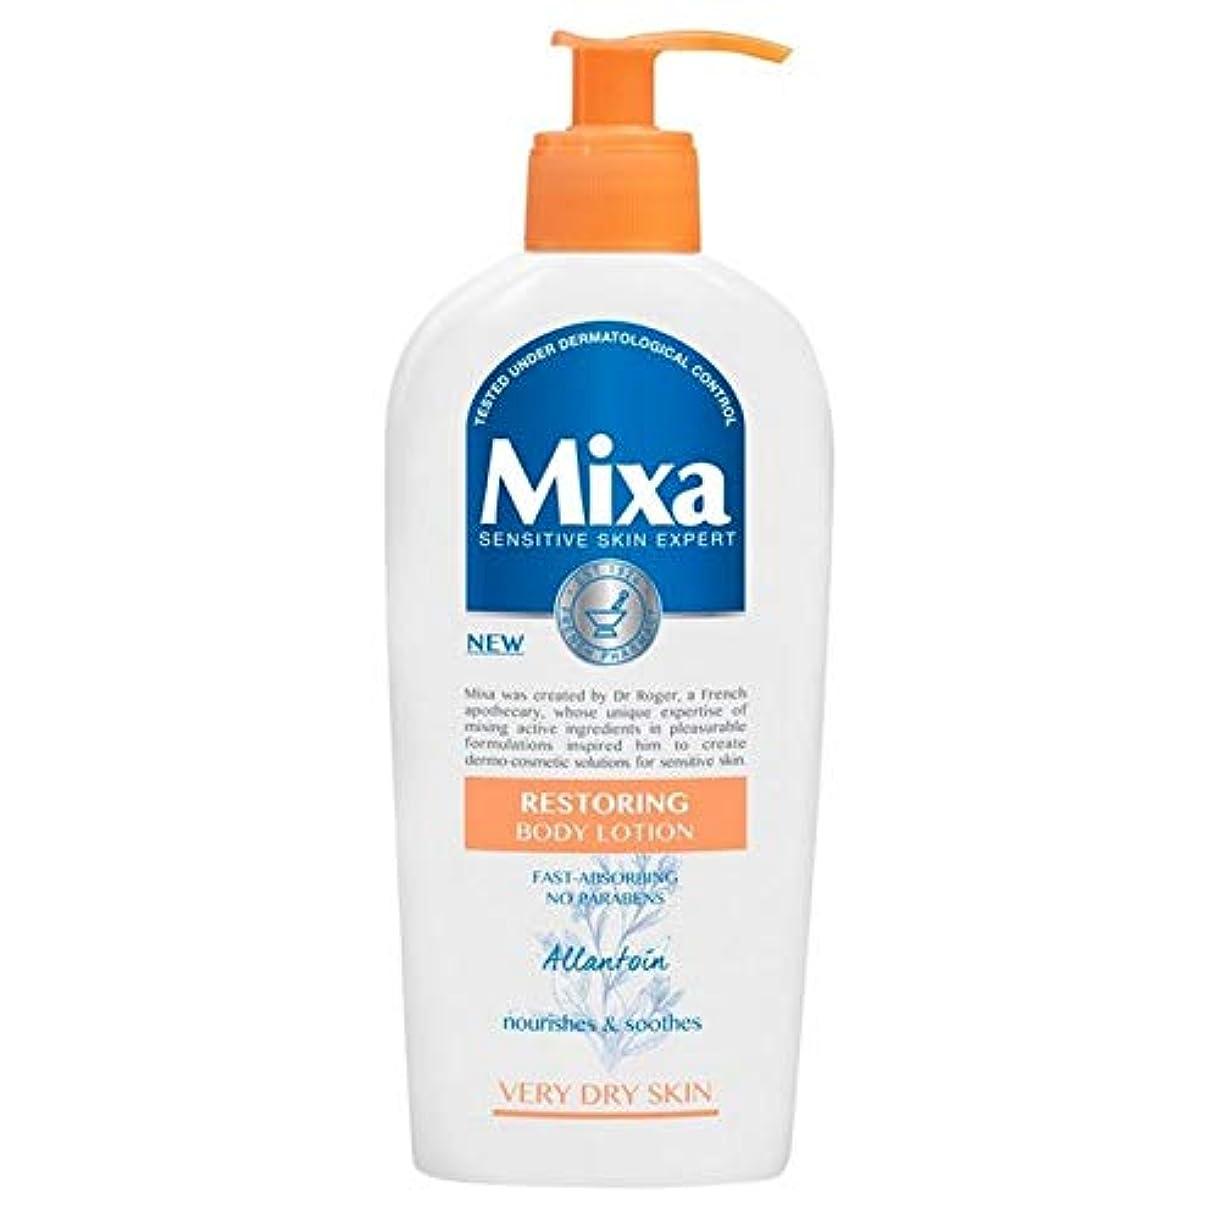 目立つレイアウト検出する[Mixa] Mixa復元修理ボディローション250ミリリットル - Mixa Restoring Repair Body Lotion 250ml [並行輸入品]